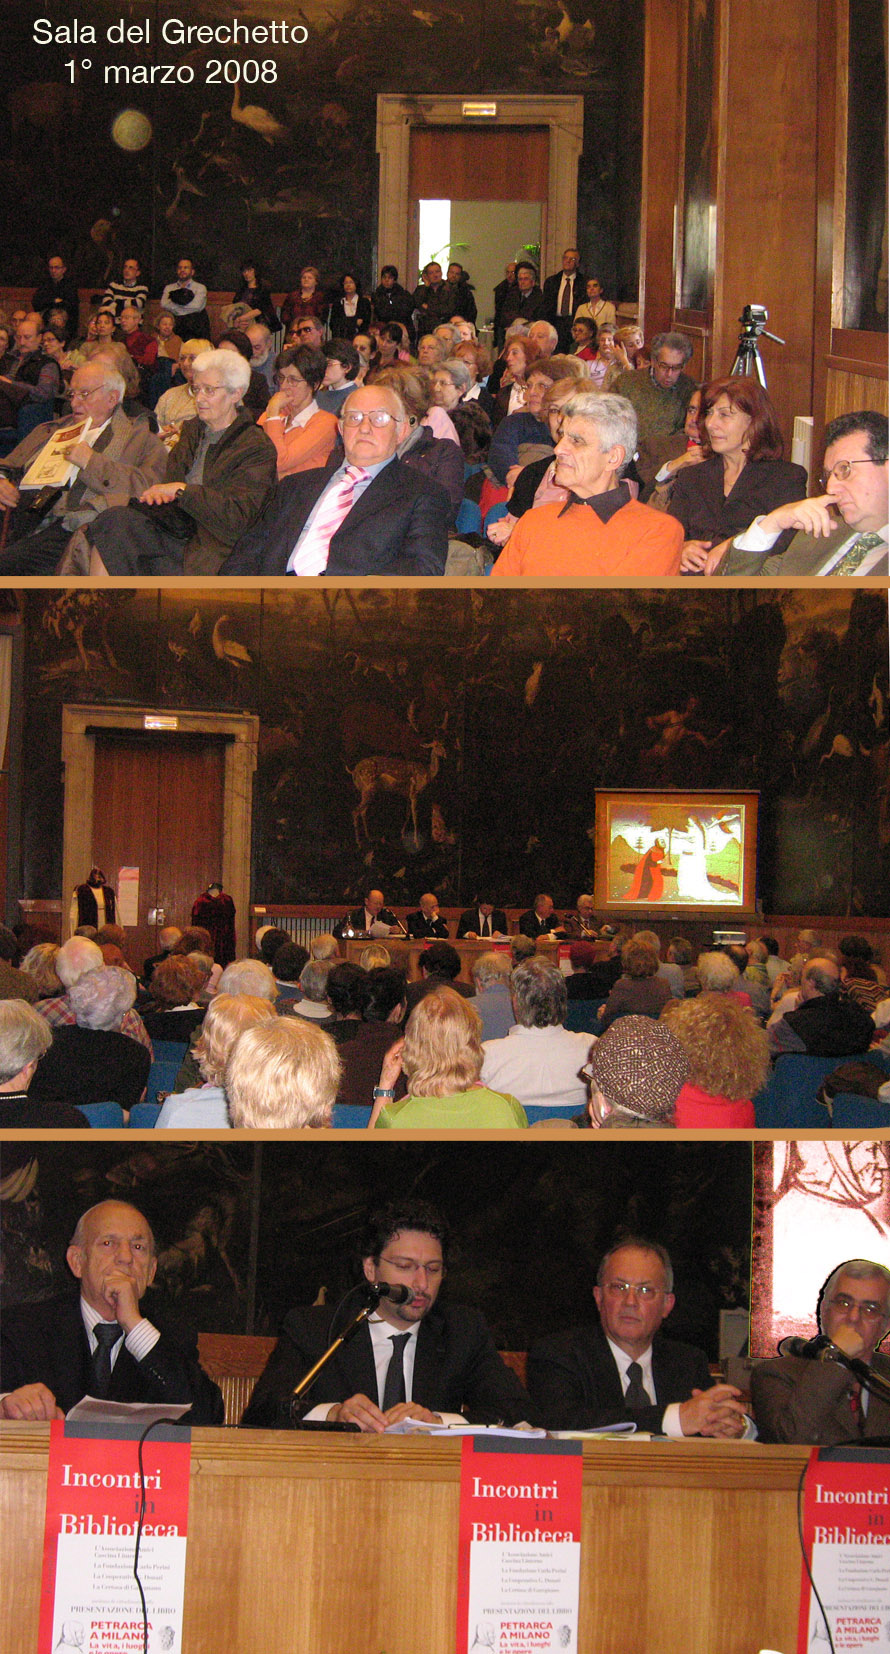 Presentazione della miscellanea 'Petrarca a Milano' (2008)